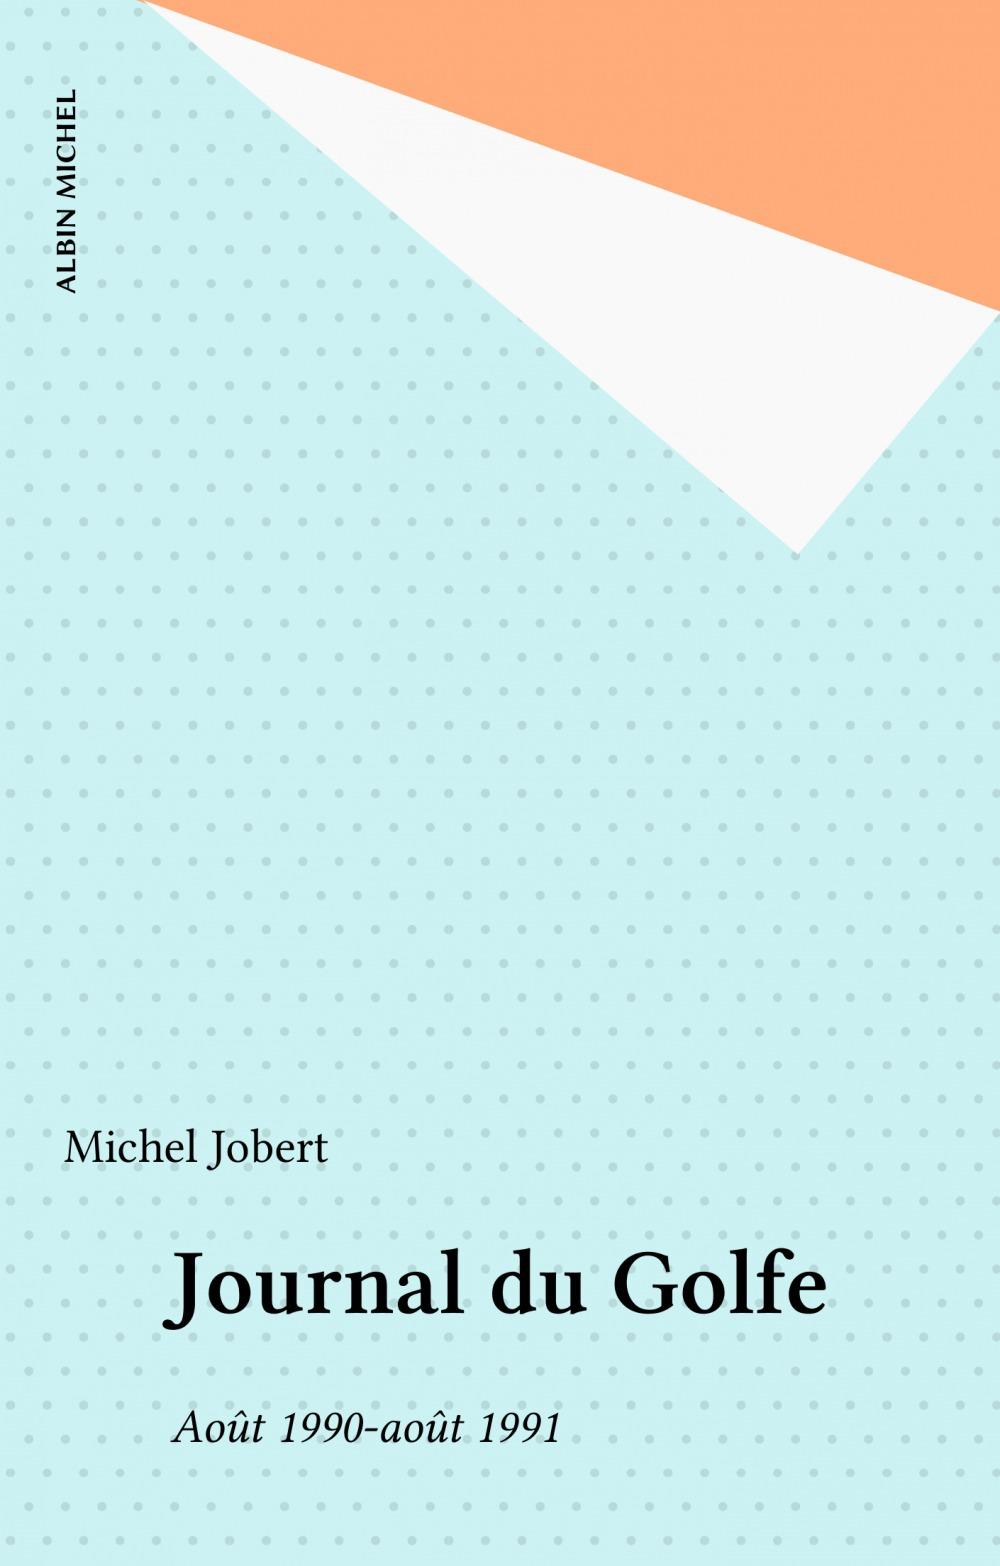 Journal du golfe. aout 1990-aout1991